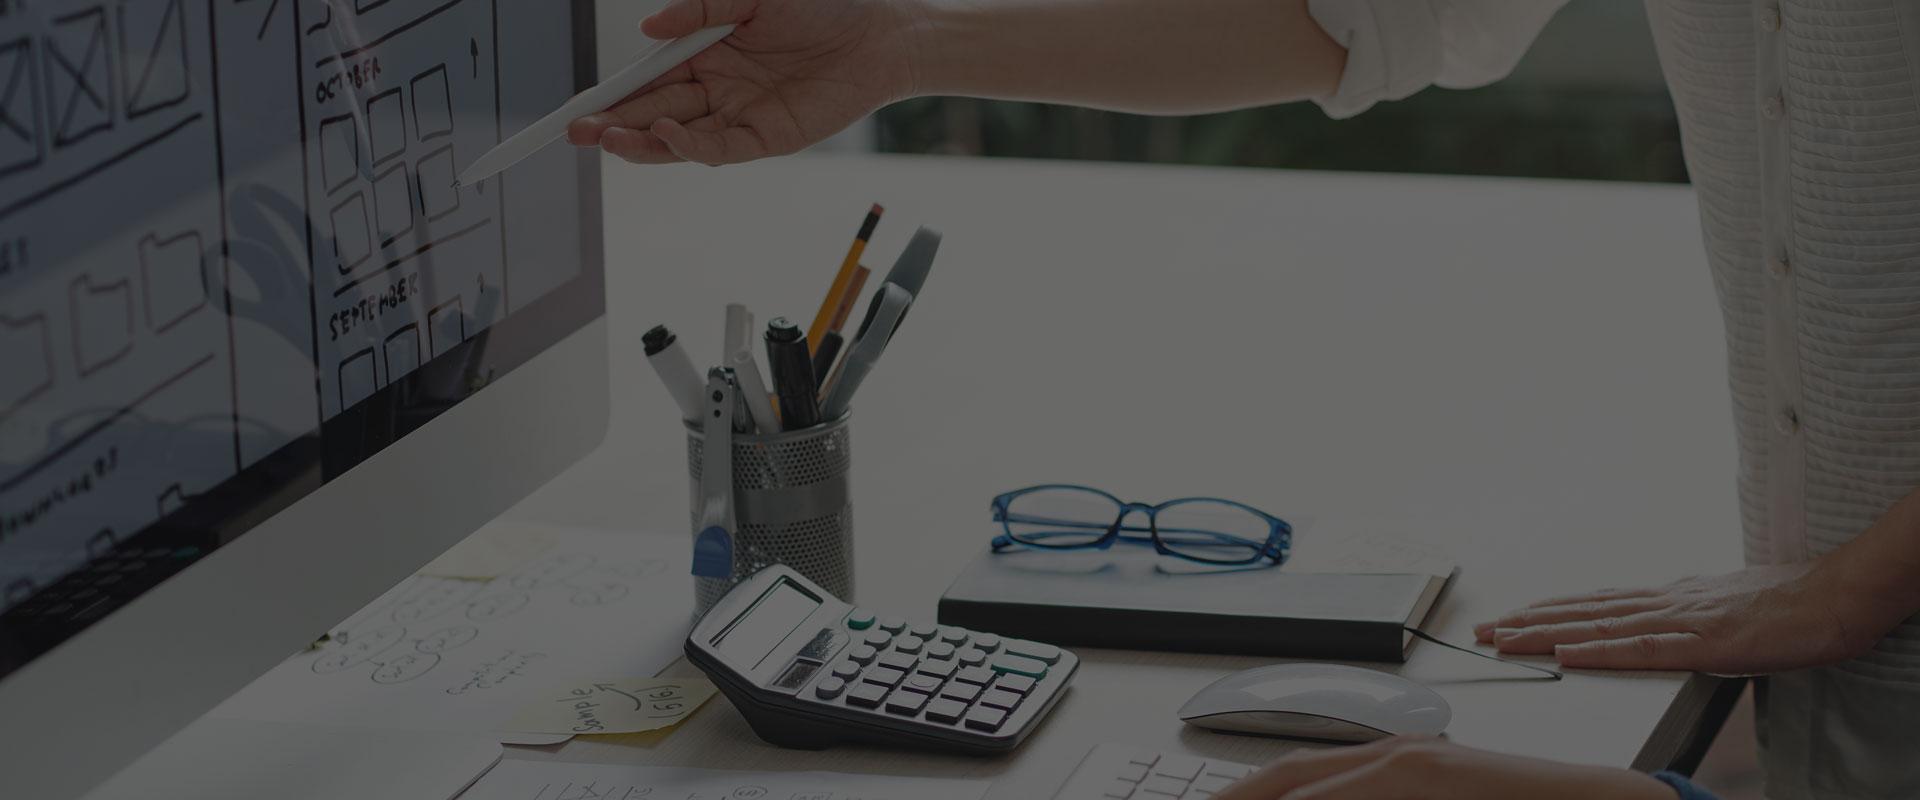 Giải pháp số hóa doanh nghiệp